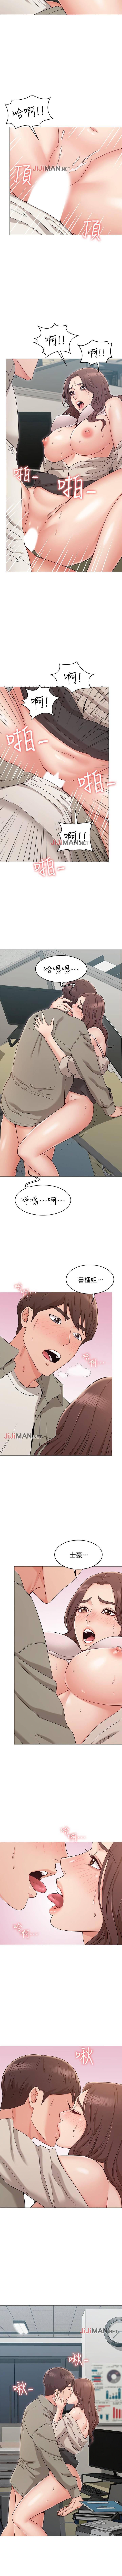 【周六连载】女友的姐姐(作者:橡果人&獵狗) 第1~14话 103